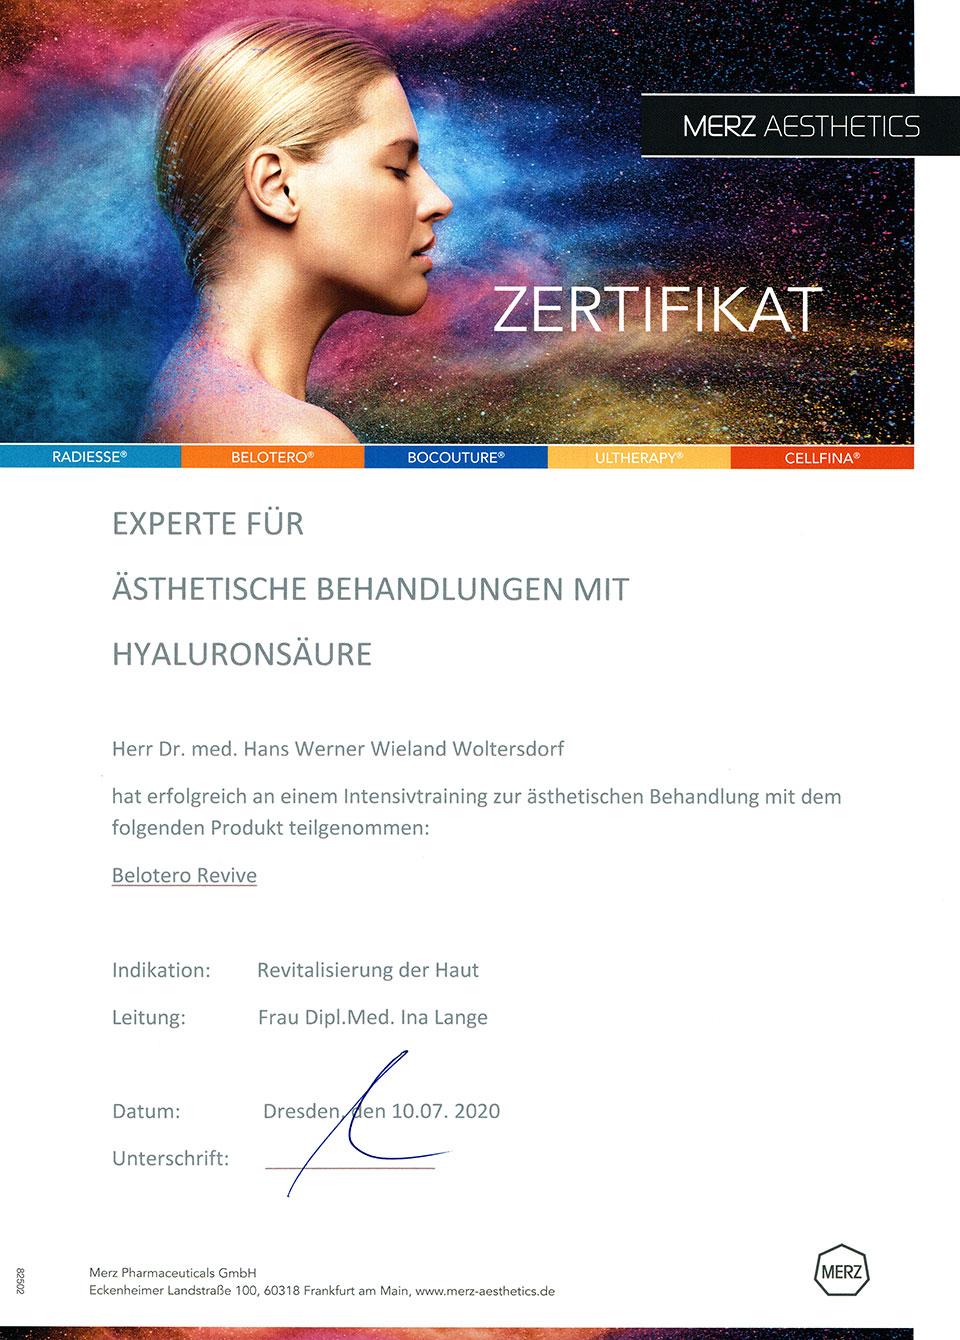 Dr. Woltersdorf: Experte für ästhetische Behandlung mit Hyaluronsäure (Zertifikat Merz Aesthetics 10.07.2020)